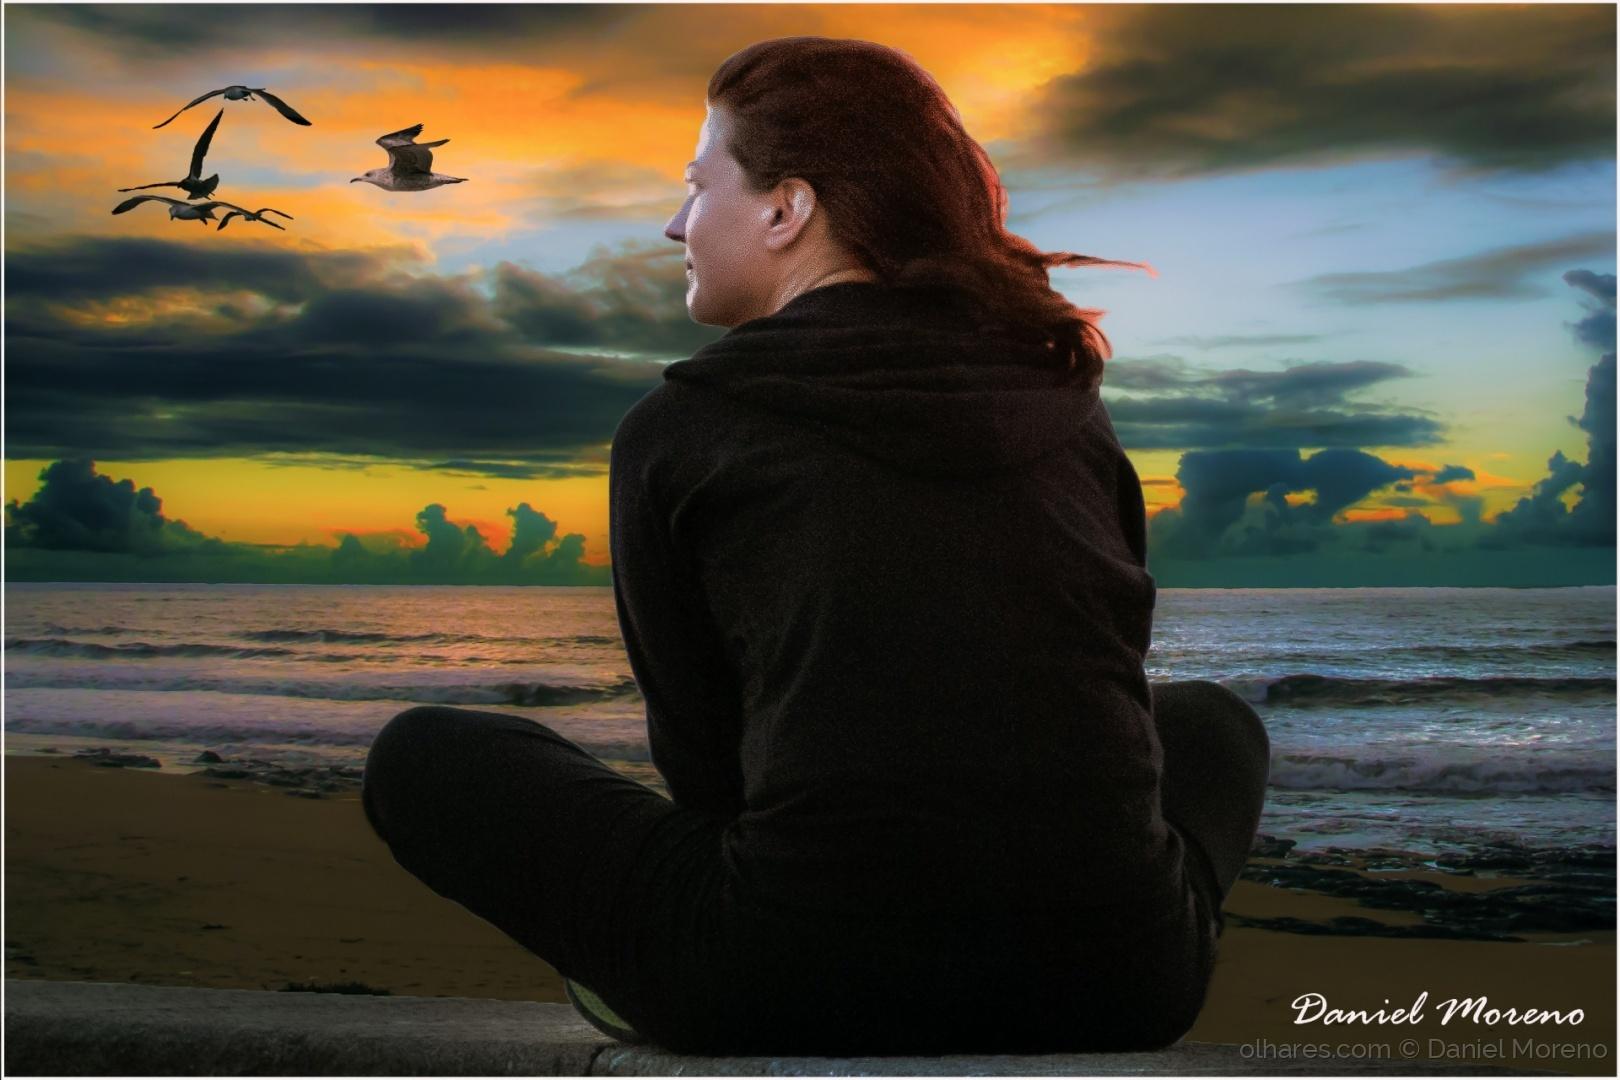 Arte Digital/Olhando as gaivotas